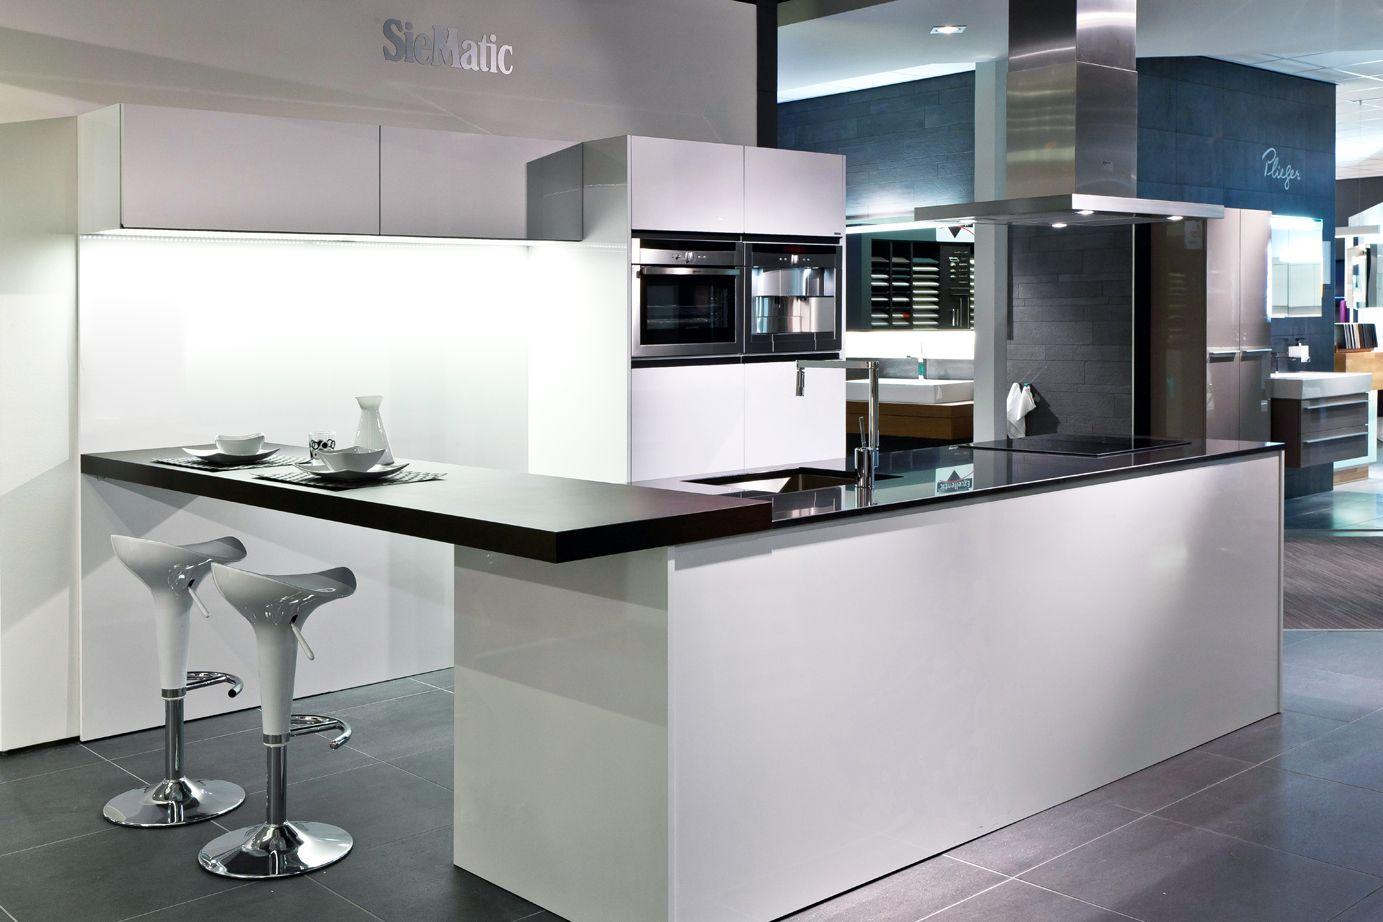 Moderne siematic keuken met kookeiland db keukens siematic keukens pinterest - Moderne kleine keuken ...